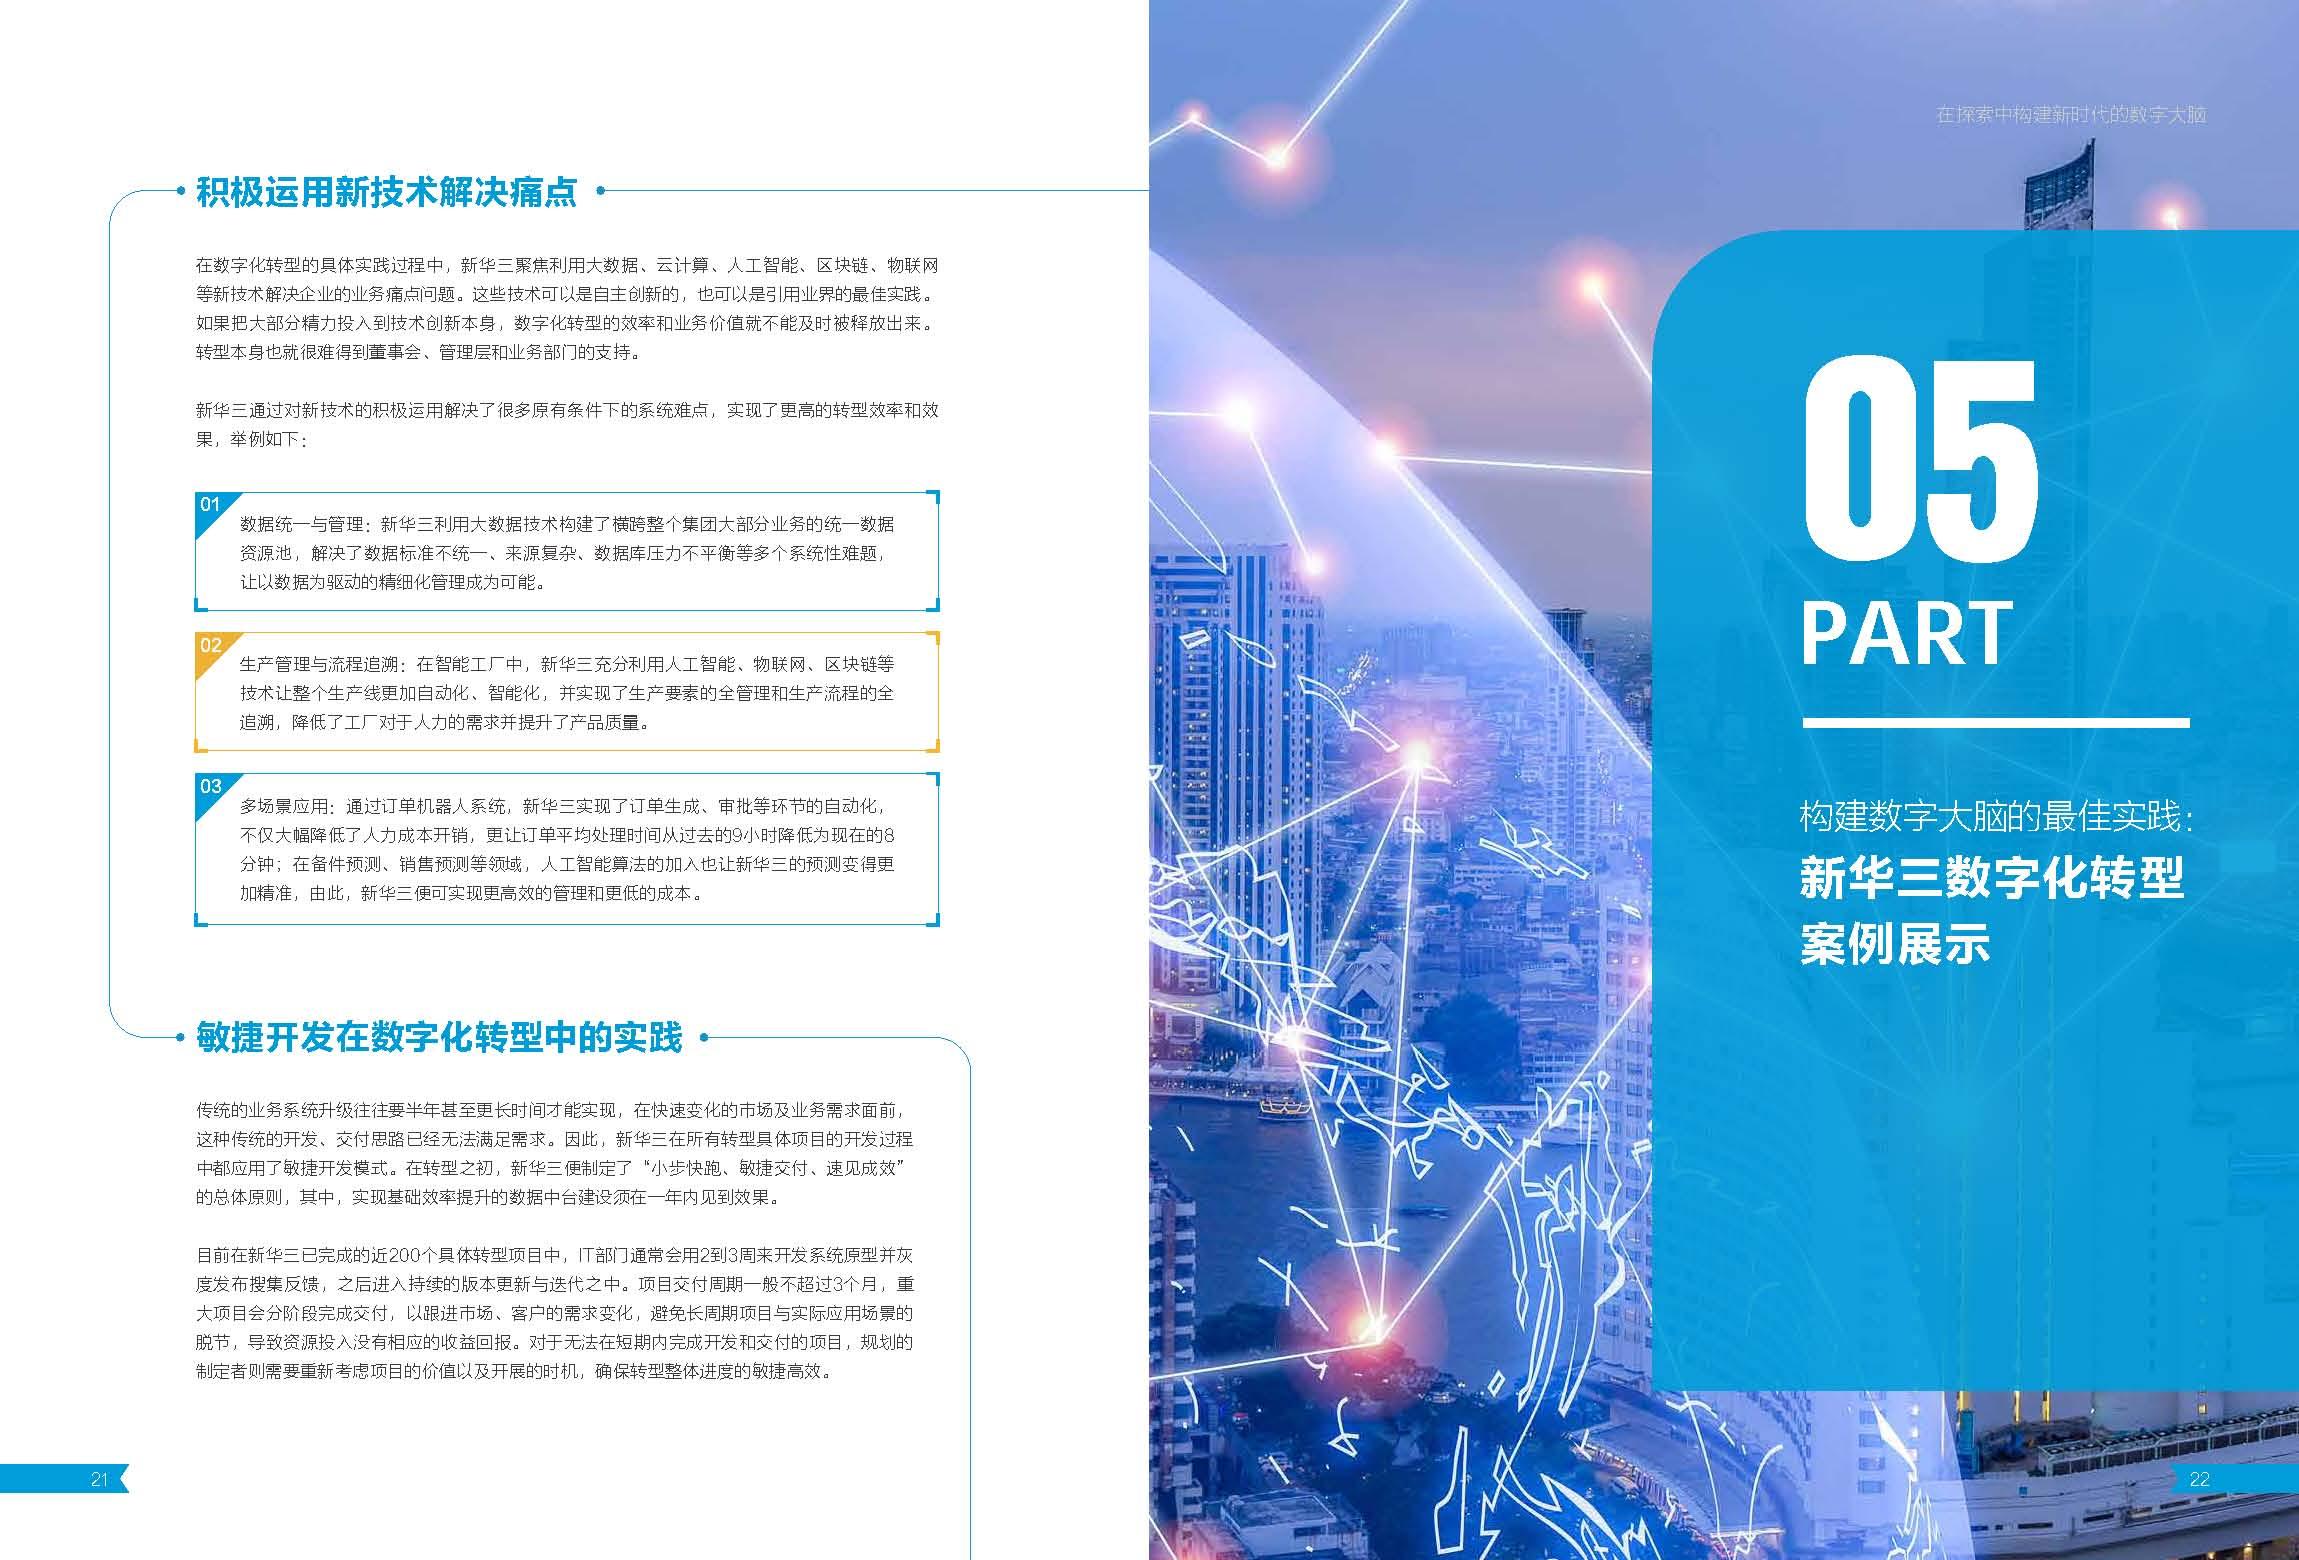 大数据研究报告,紫光集团-数字化转型与实践 !